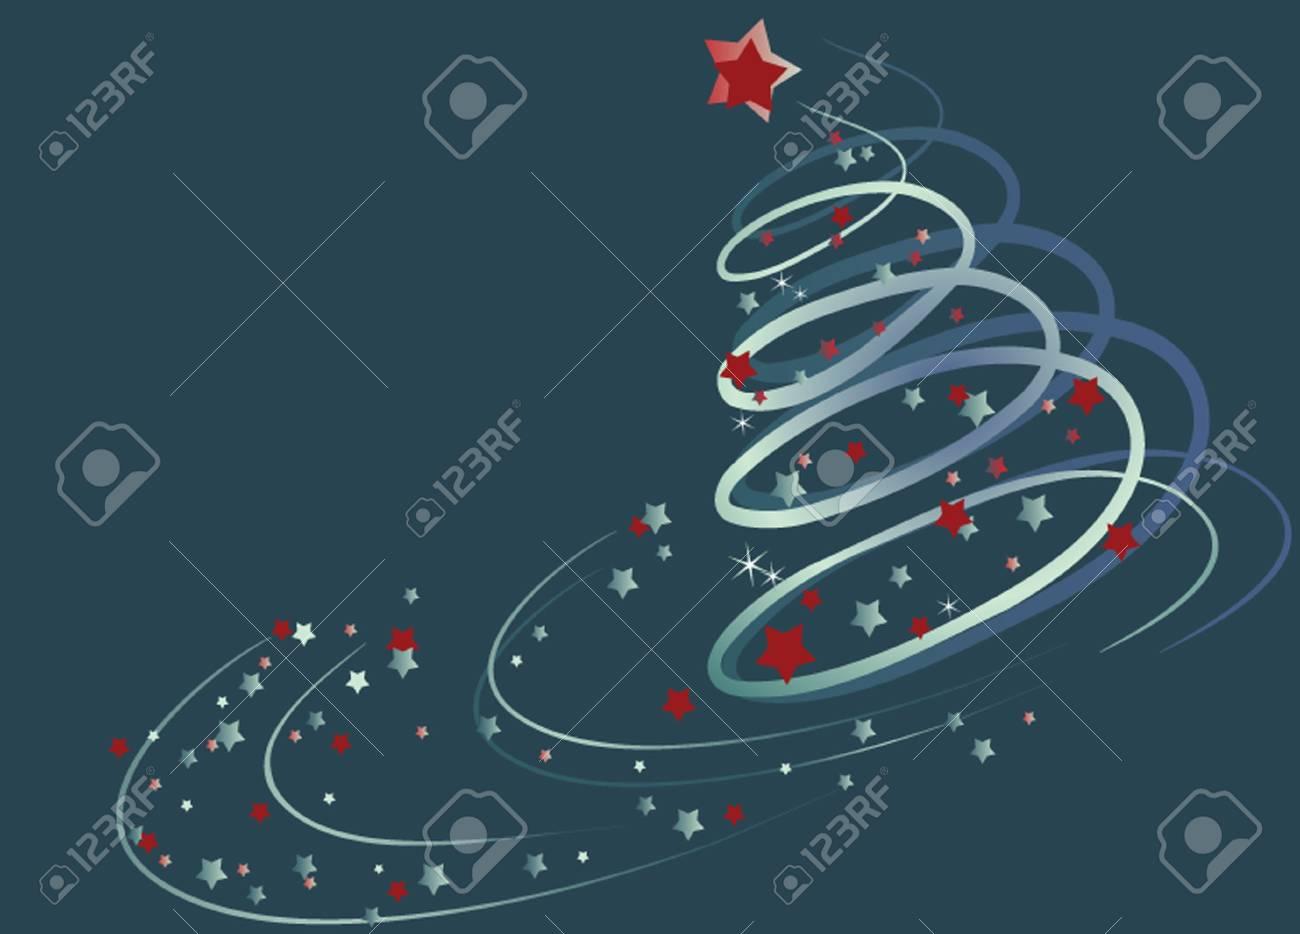 Ma Carte De Noel.Carte De Célébration Avec Arbre De Noël Voir Ma Galerie Pour Plus D